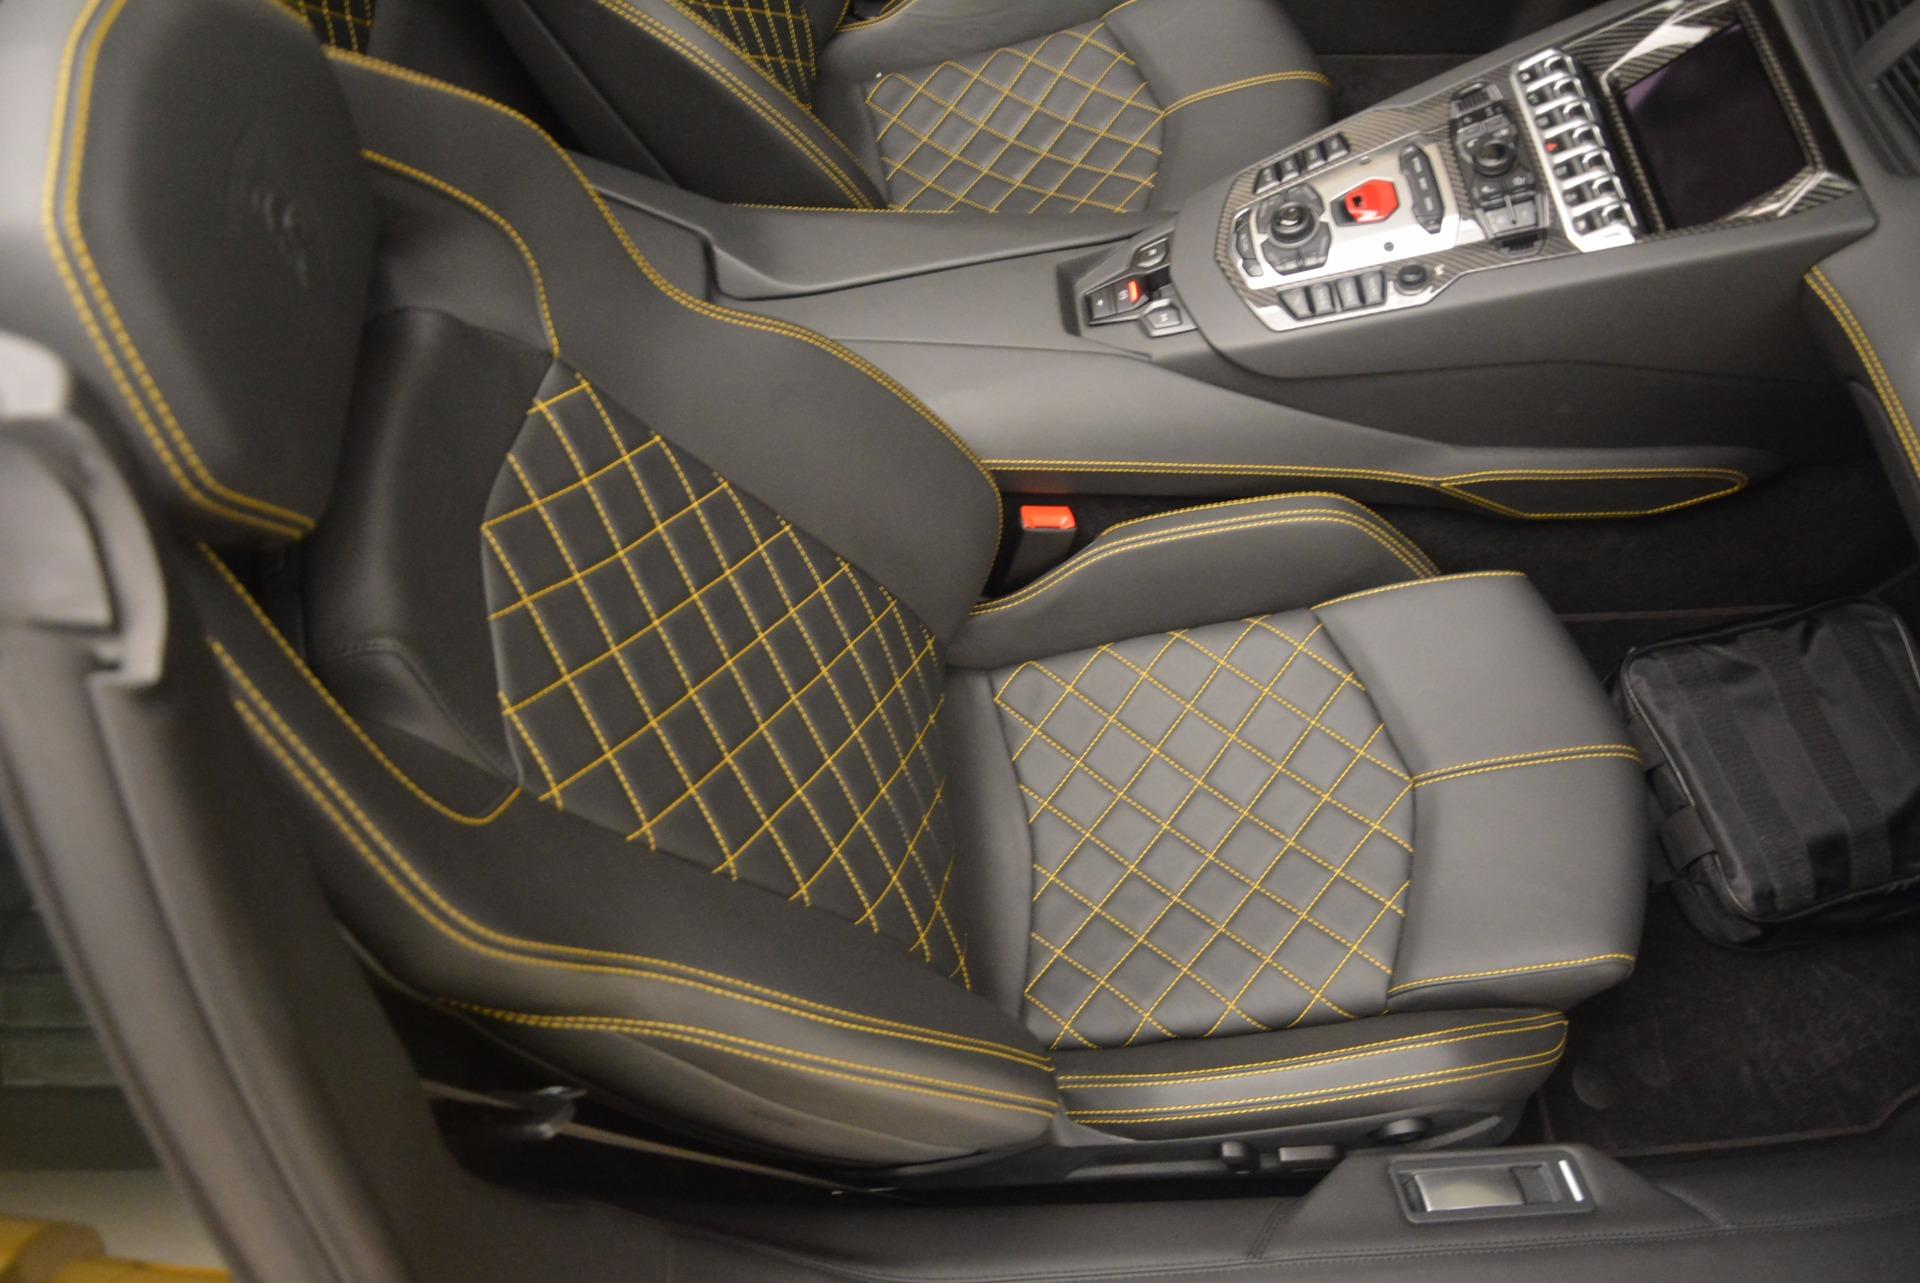 Used 2015 Lamborghini Aventador LP 700-4 Roadster For Sale In Greenwich, CT 1774_p25